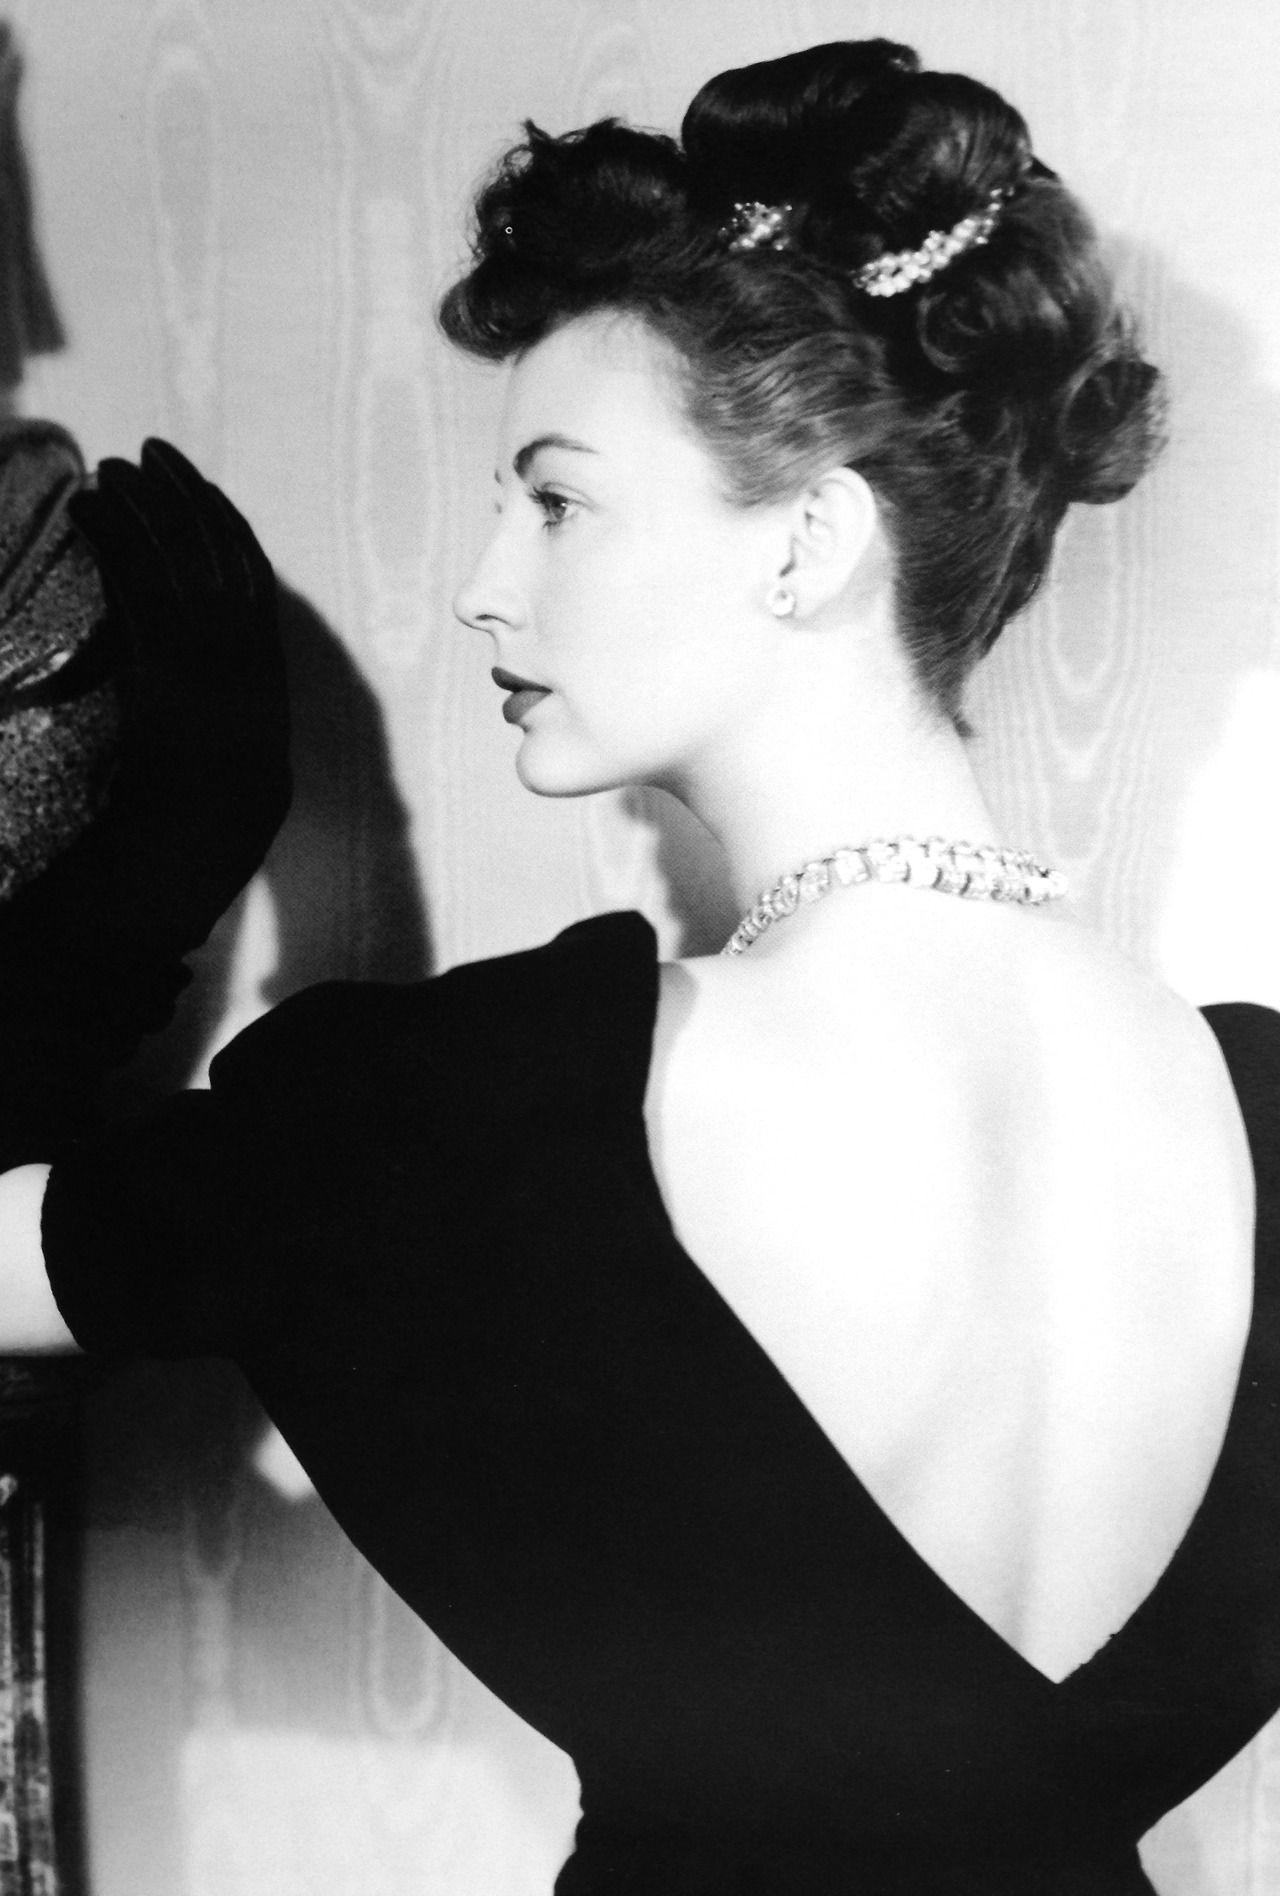 picture Bianca Gonzalez (b. 1983)